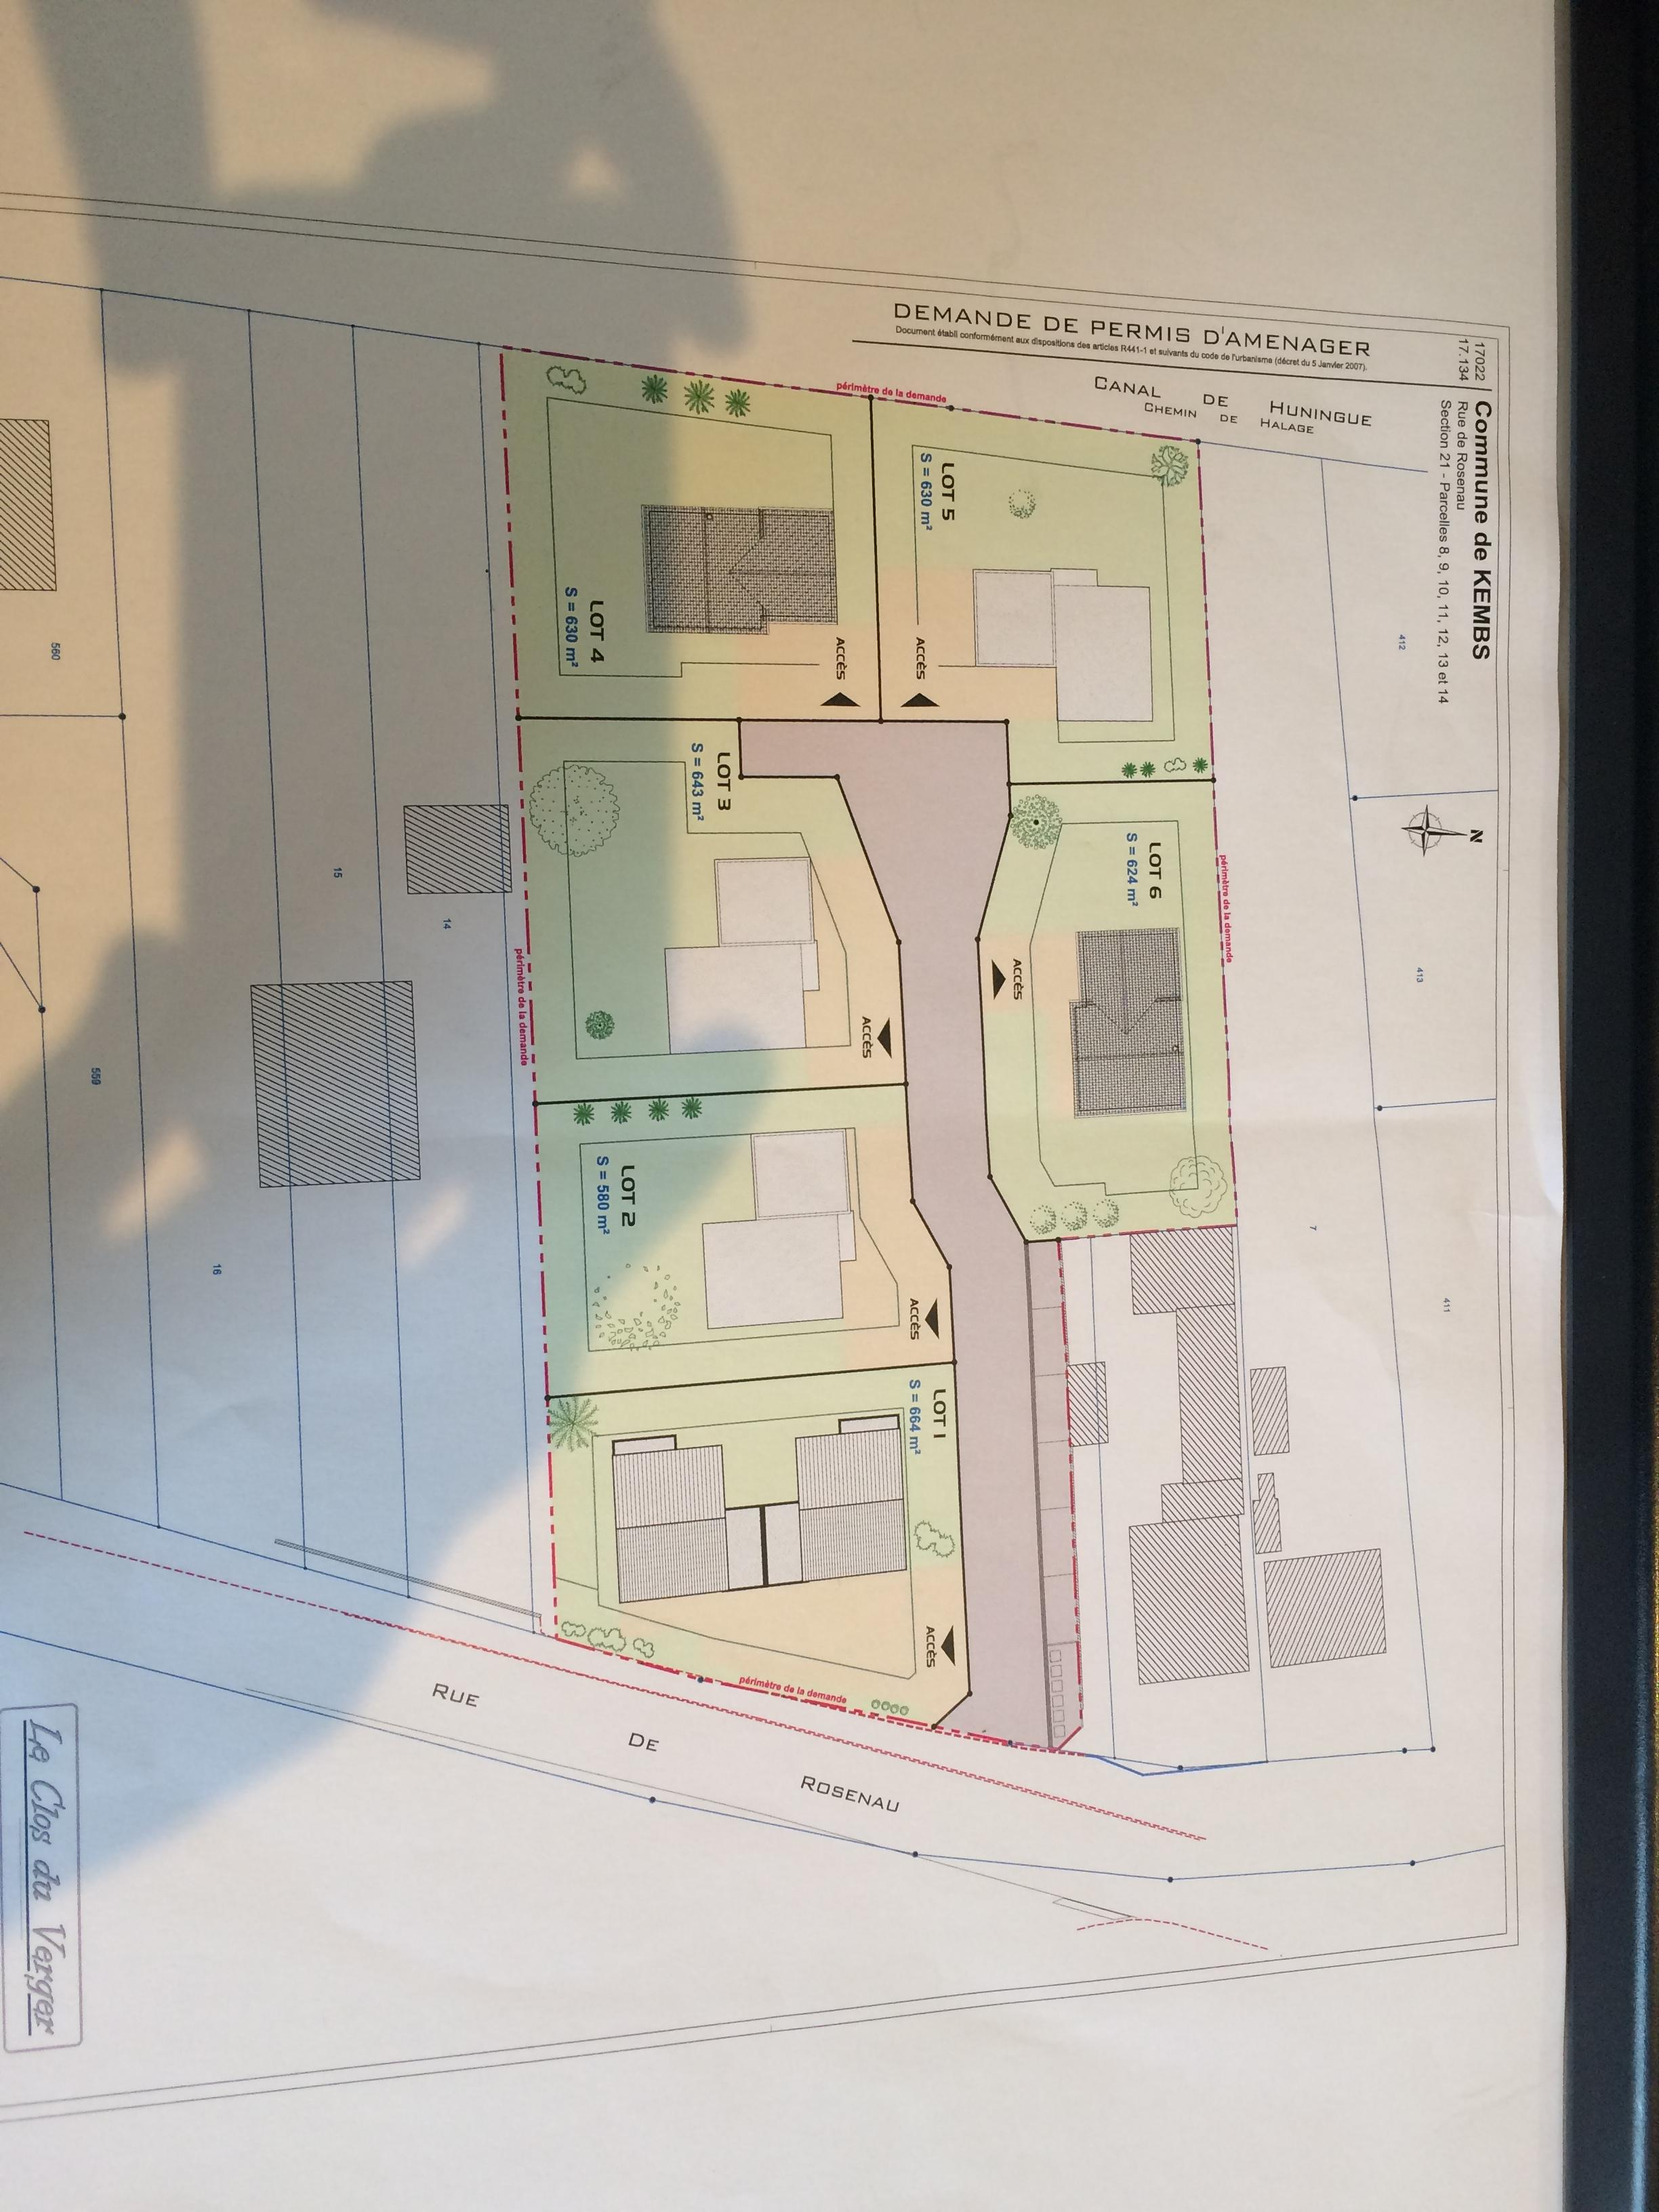 Terrains du constructeur CREAGES • 630 m² • KEMBS LOECHLE